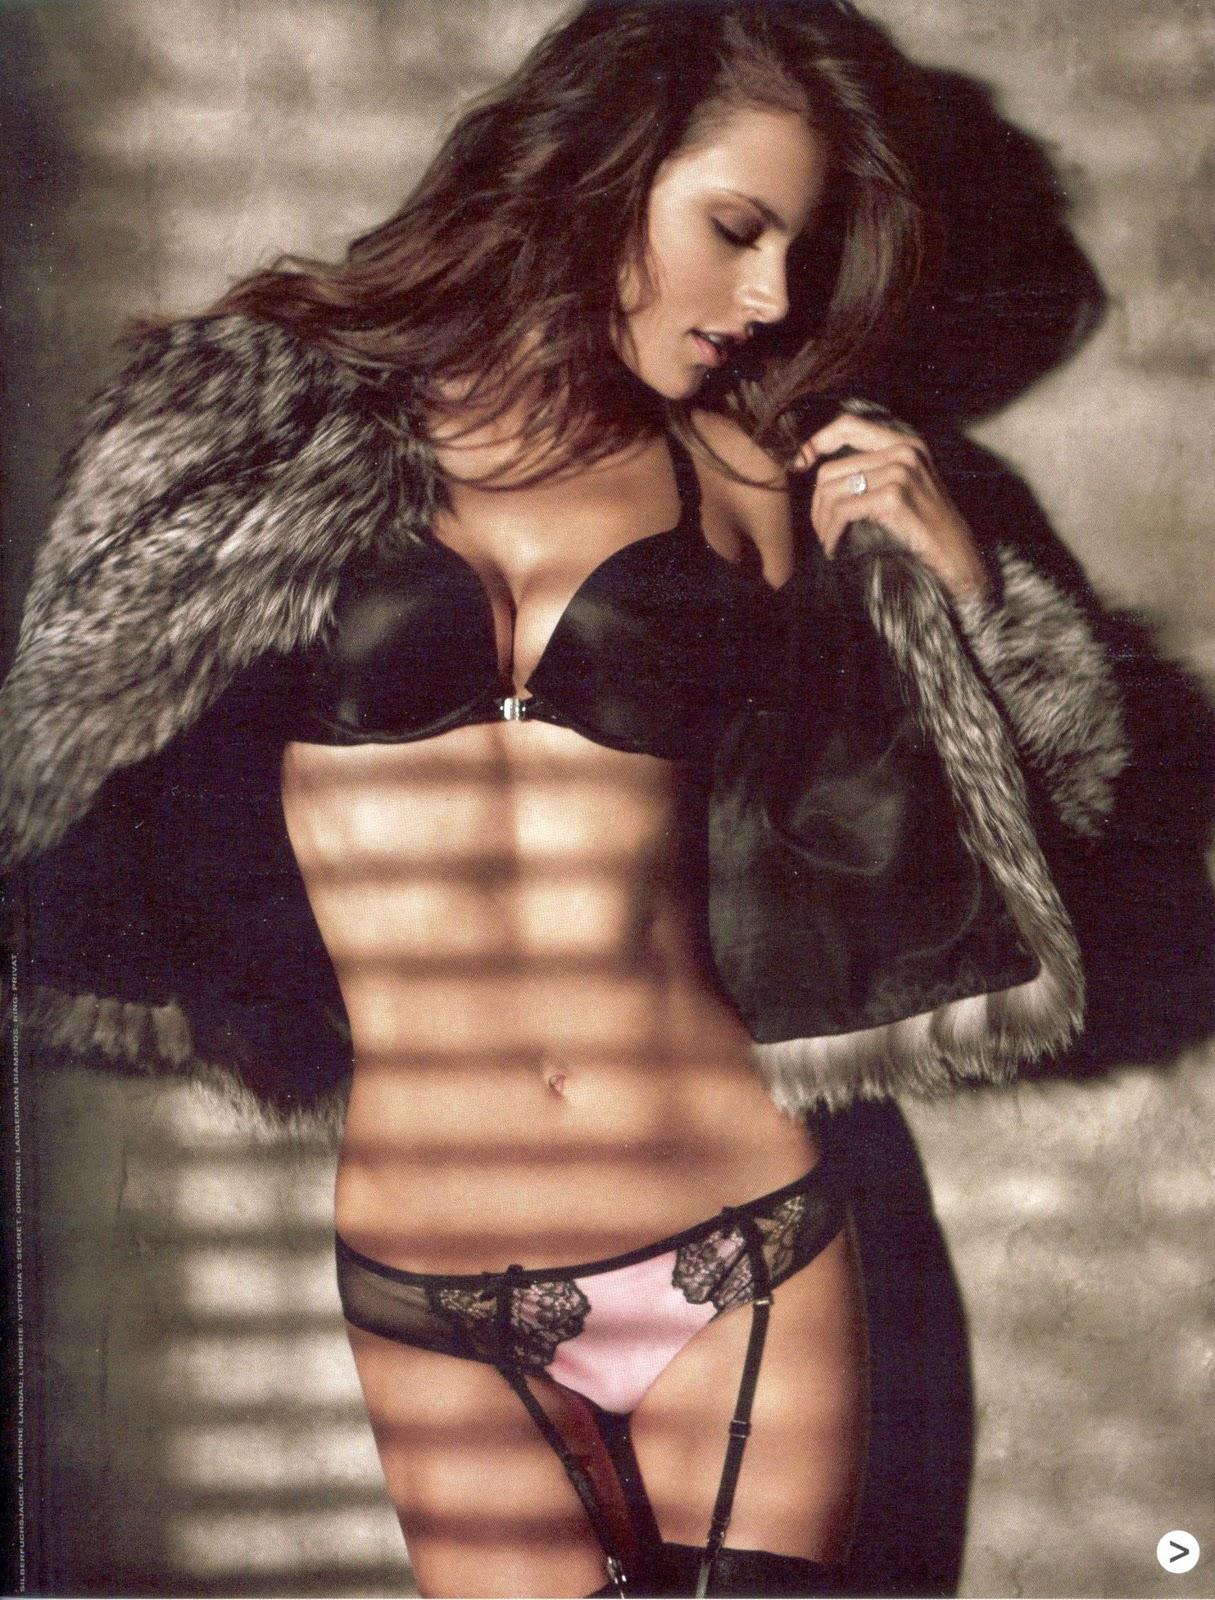 http://2.bp.blogspot.com/_QcYf_8sBCik/TTU9R13U8vI/AAAAAAAAIFM/ObXh9RZC_rw/s1600/Alessandra+Ambrosio+%25E2%2580%2593+GQ+Magazine+%25283%2529.jpg